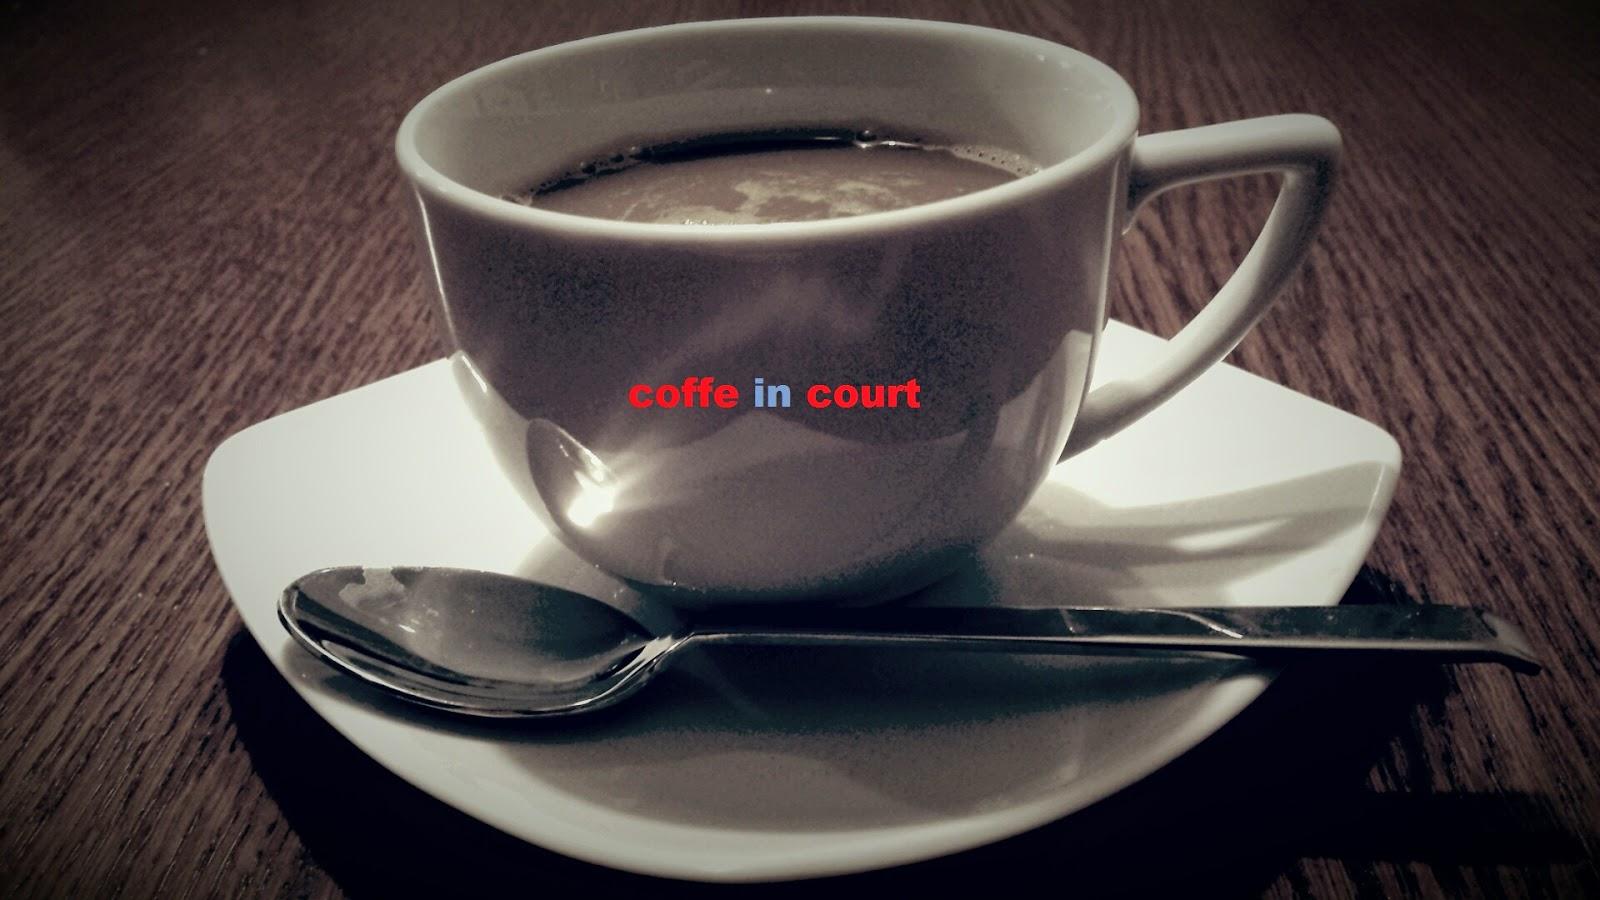 Kawa w sądzie.